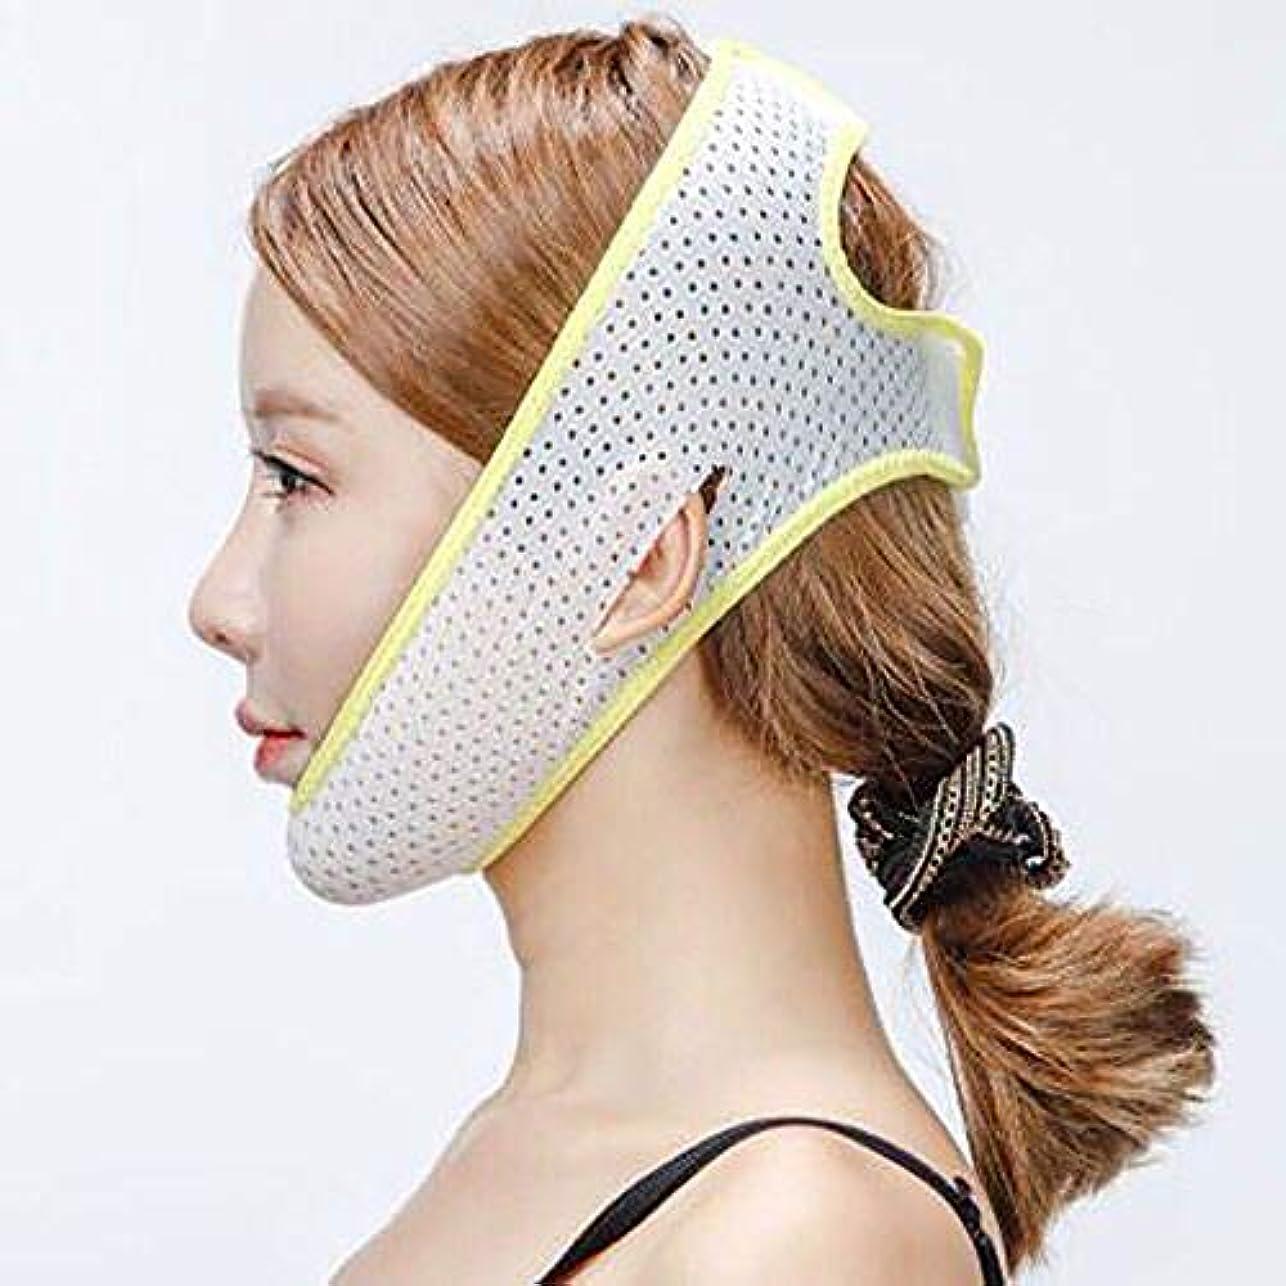 コールド夢中魔法Vフェイス包帯マスク、睡眠薄い顔アーティファクトフェイスリフトベルトライン彫刻回復包帯物理的な持ち上がる二重あごツール,Yellow